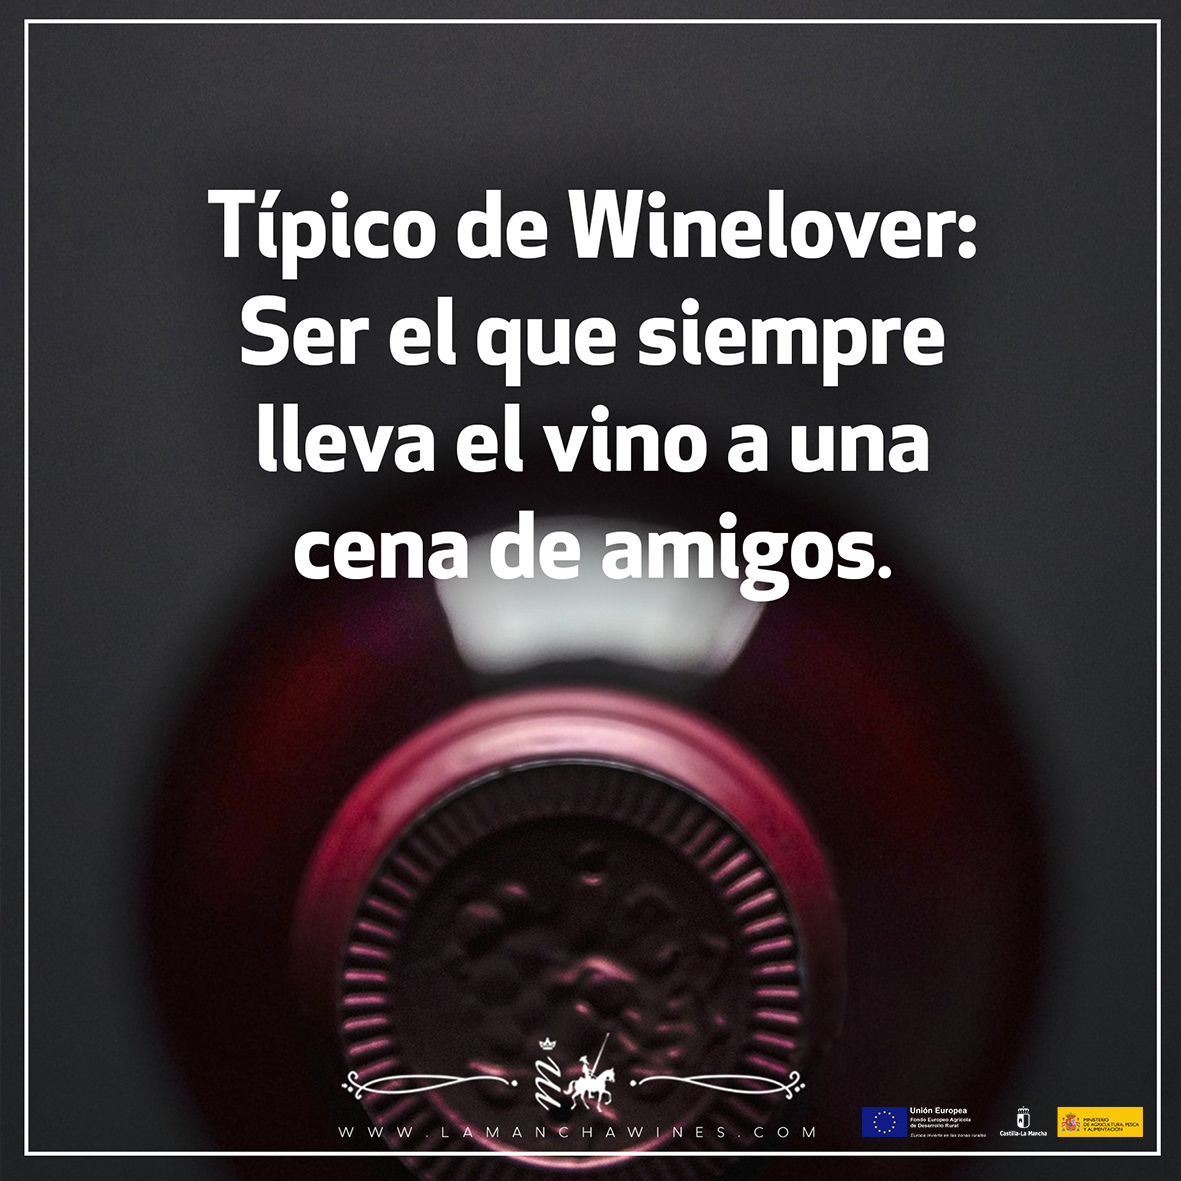 Tipico-de-Winelover-llevar-el-vino-a-la-cena-de-amigos